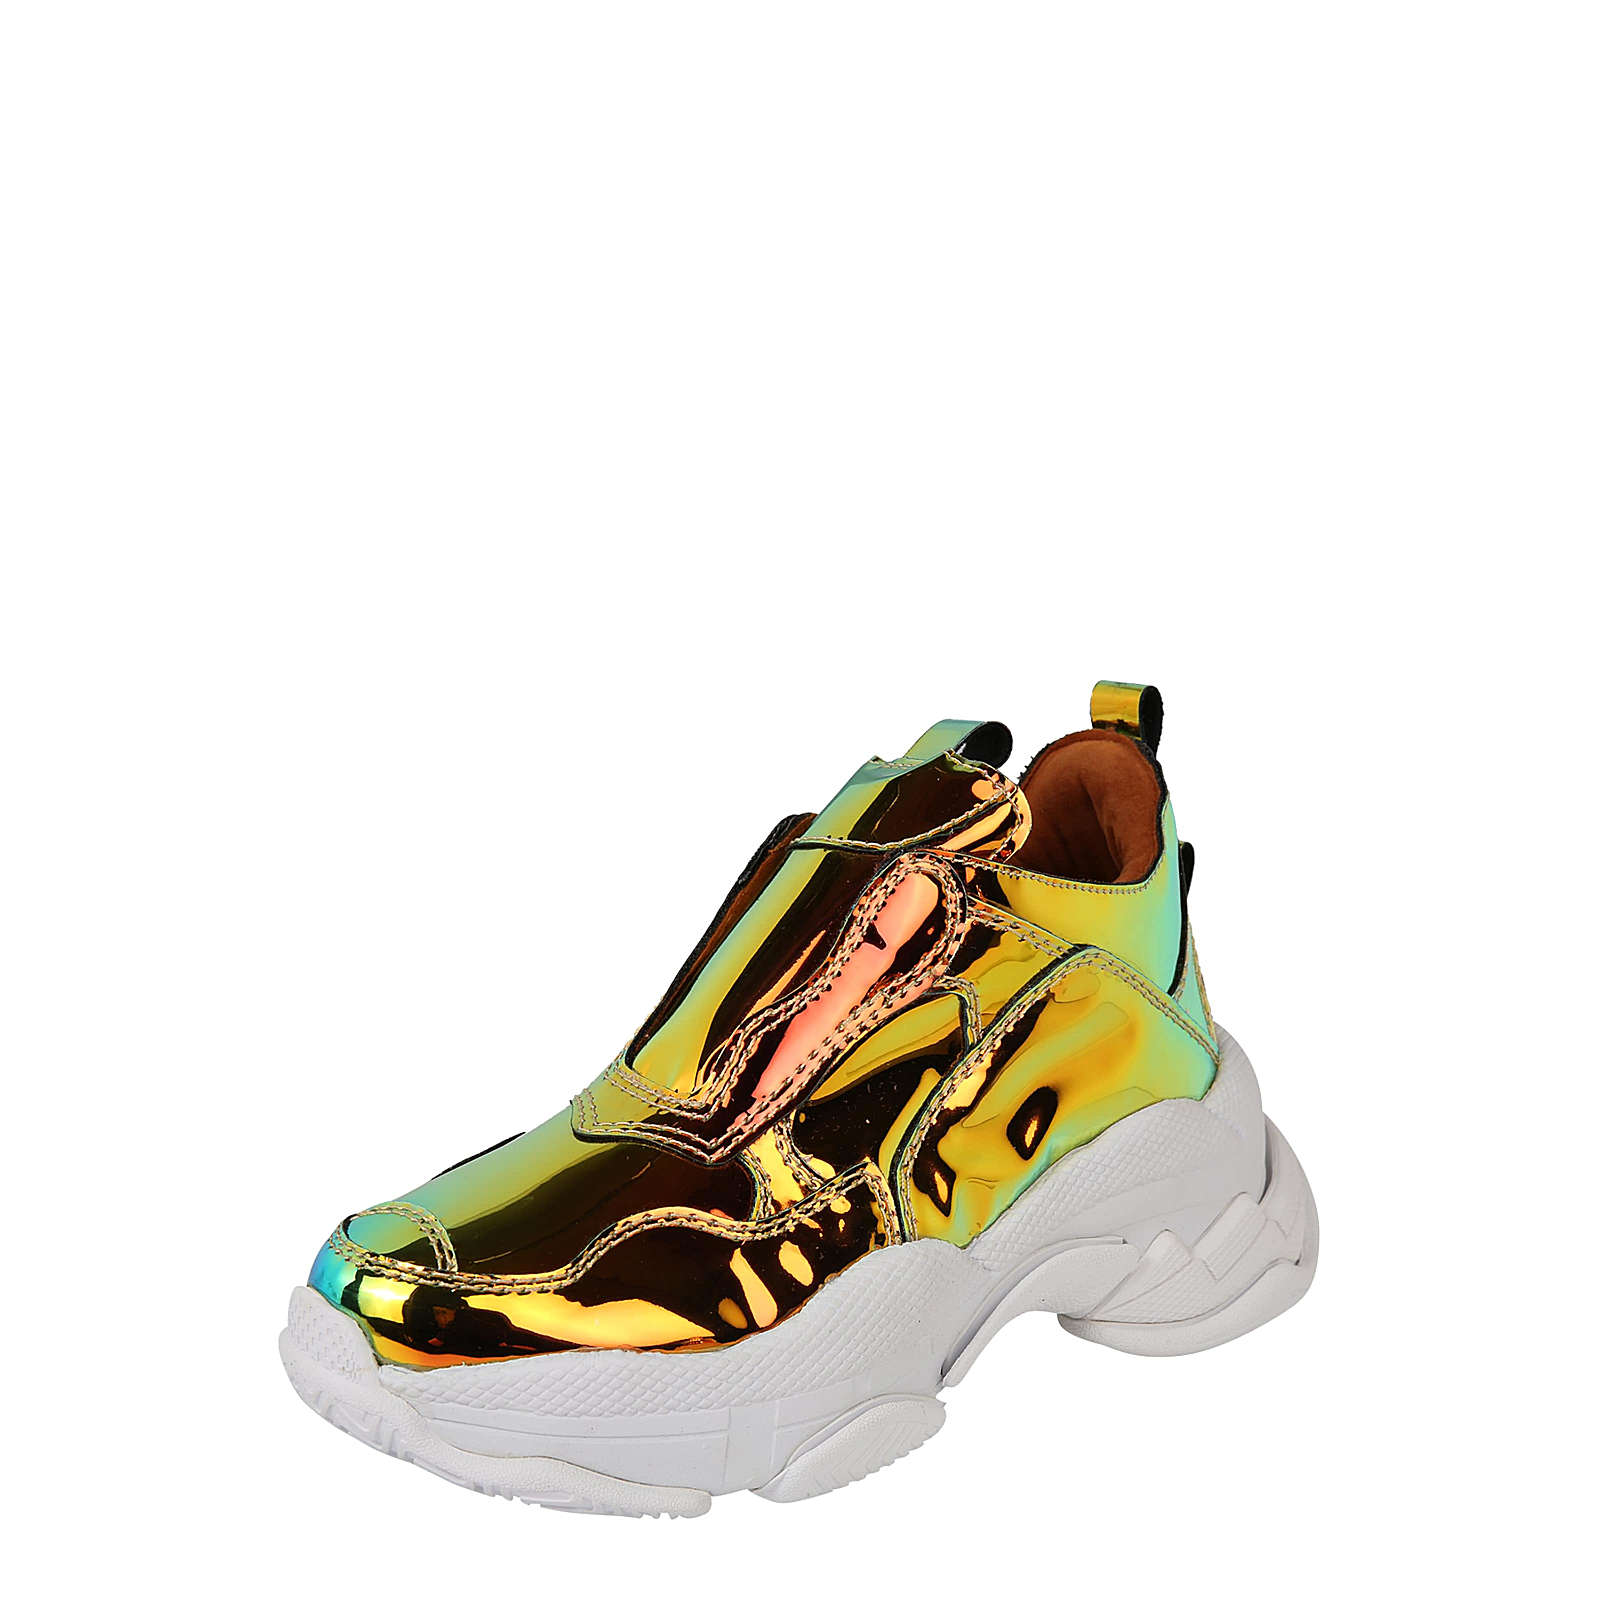 Jeffrey Campbell Sneaker low LO-FI-2 Sneakers Low weiß Damen Gr. 36